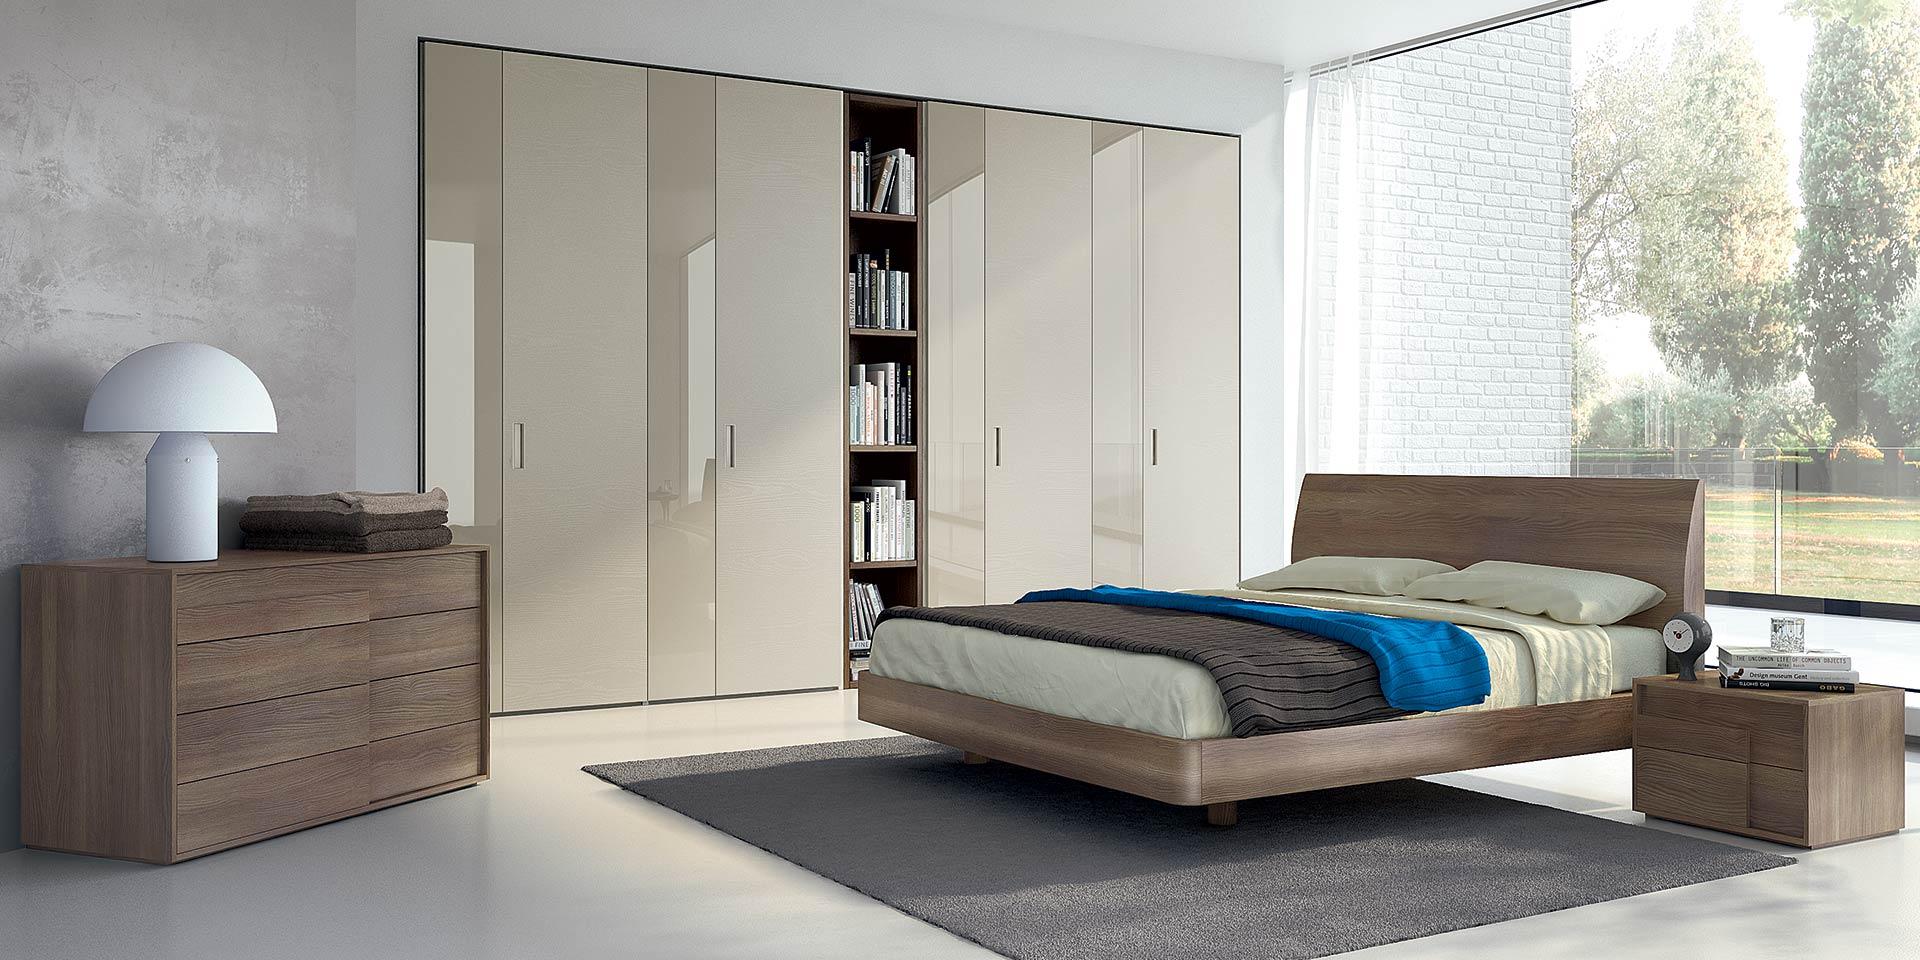 Camere da letto prestige camere da letto spar prezzo - Camere da letto spar prestige prezzi ...